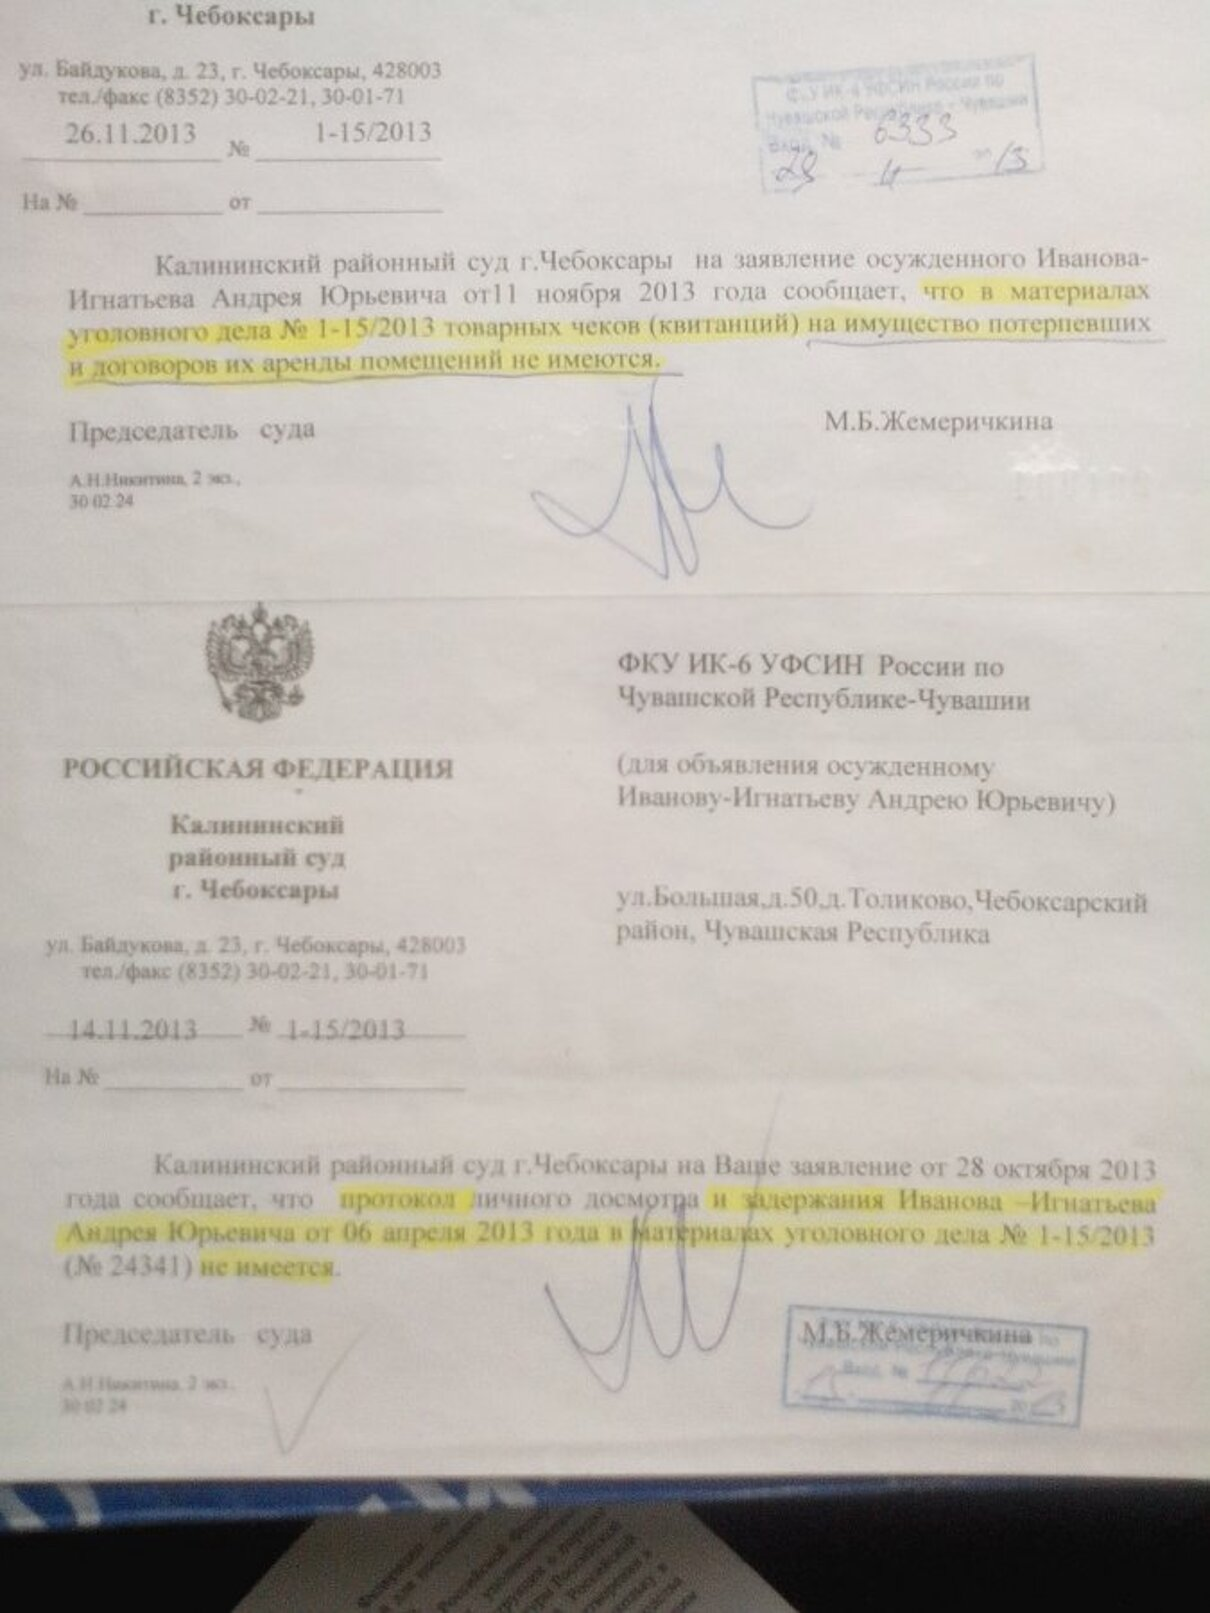 Жалоба-отзыв: Чебоксары Калининский районный суд - У прокурора у В.Я.Гриня - много всякого вранья.  Фото №4